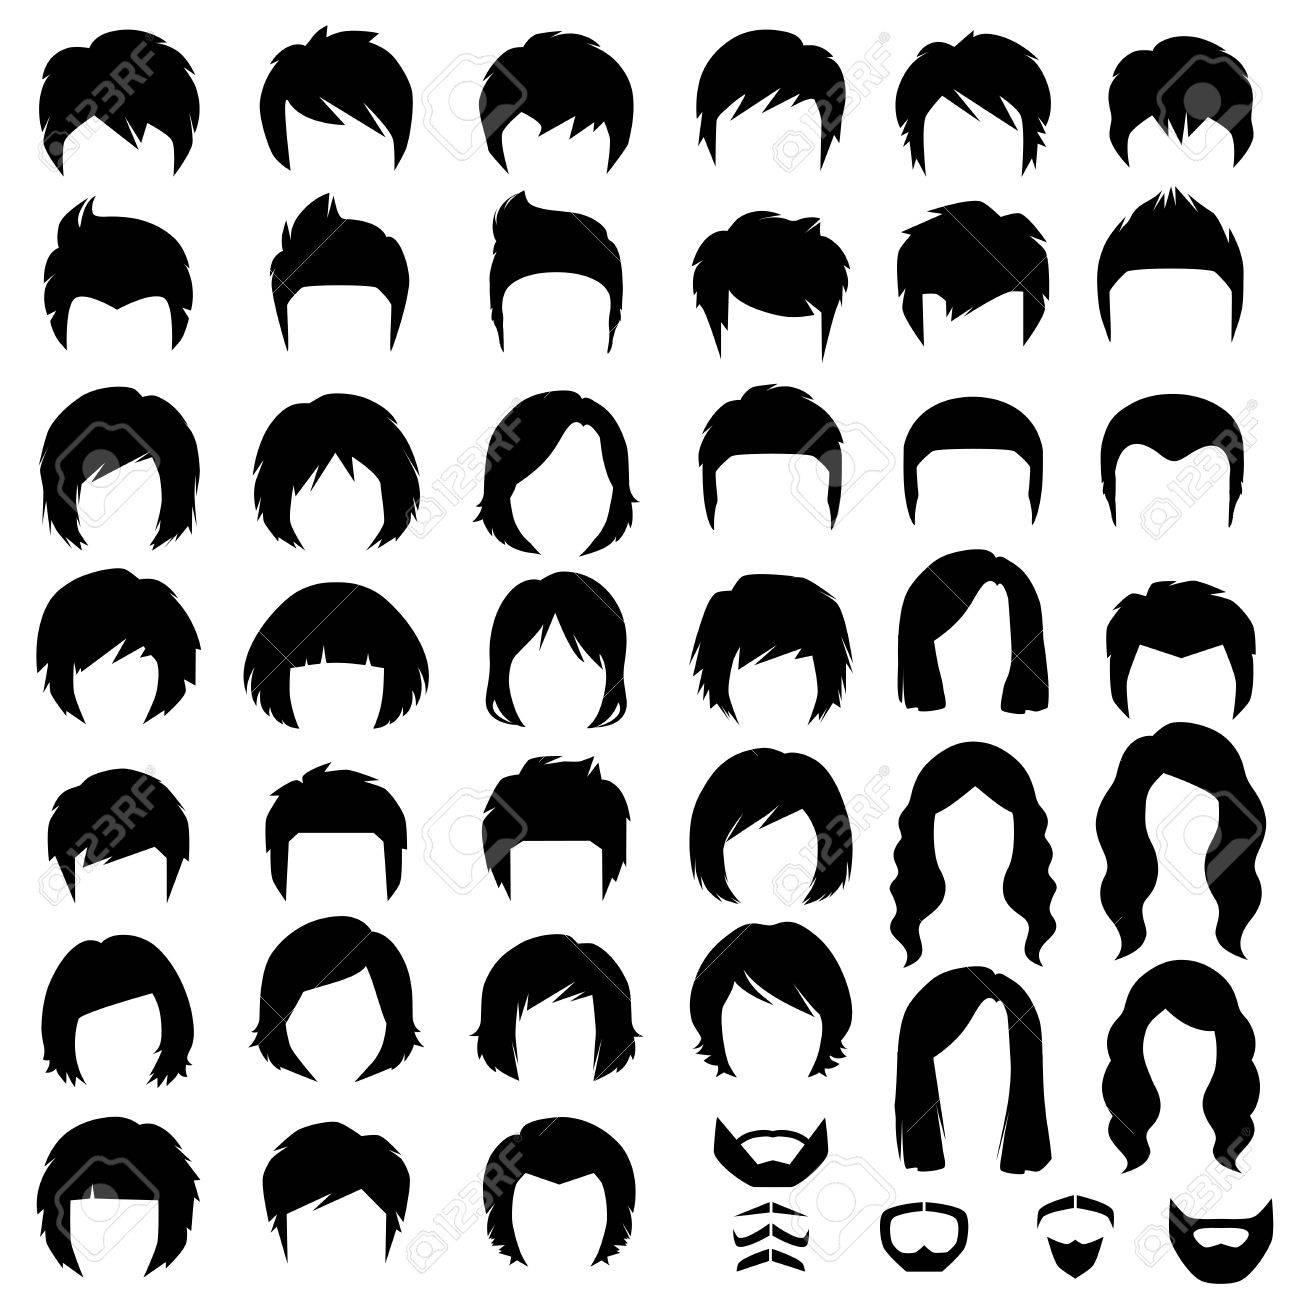 女と男の髪、ヘアスタイルのベクター シルエット